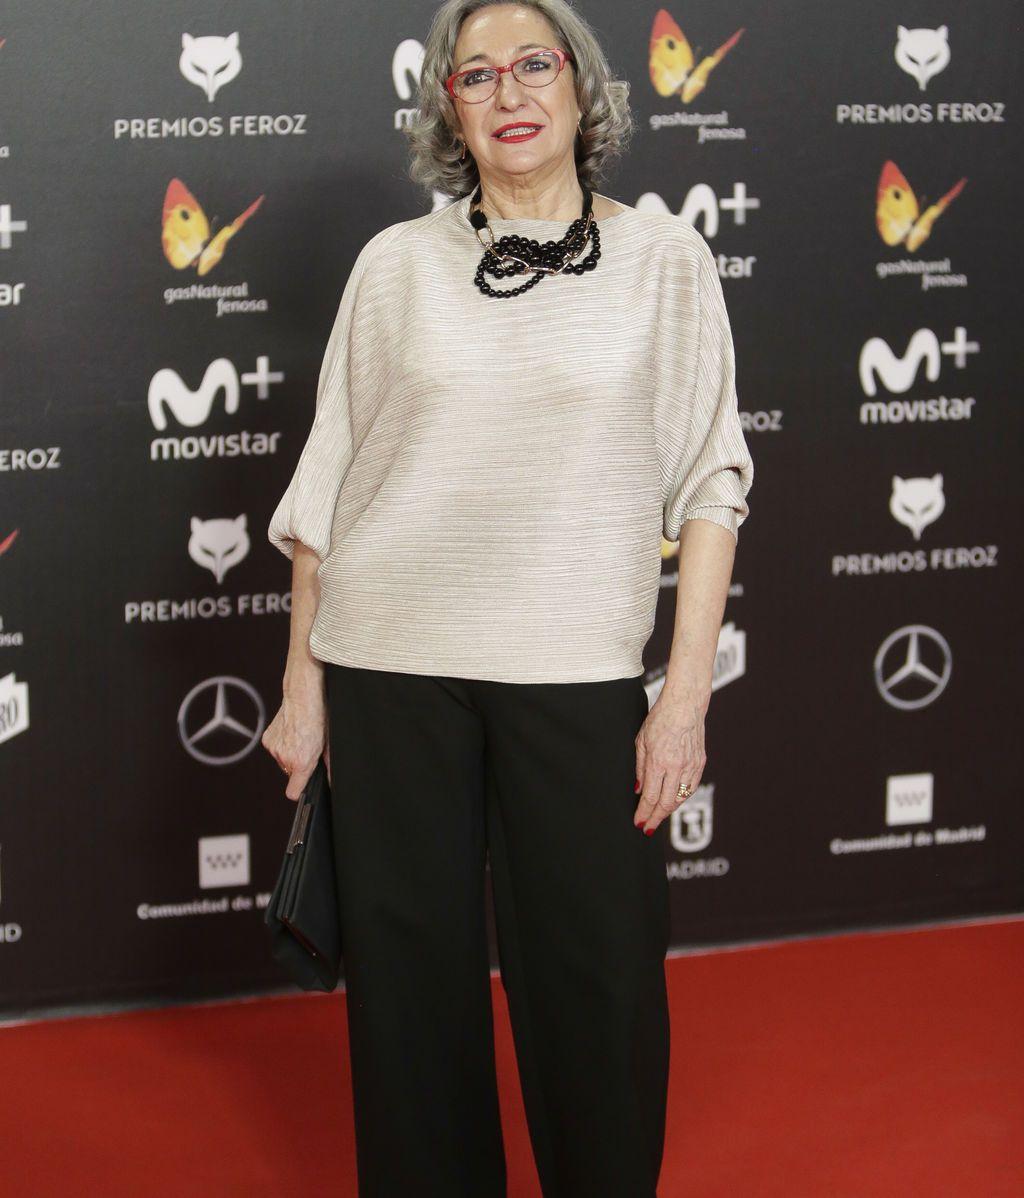 La actriz Luisa Gavasa, de las únicas en posar con pantalón